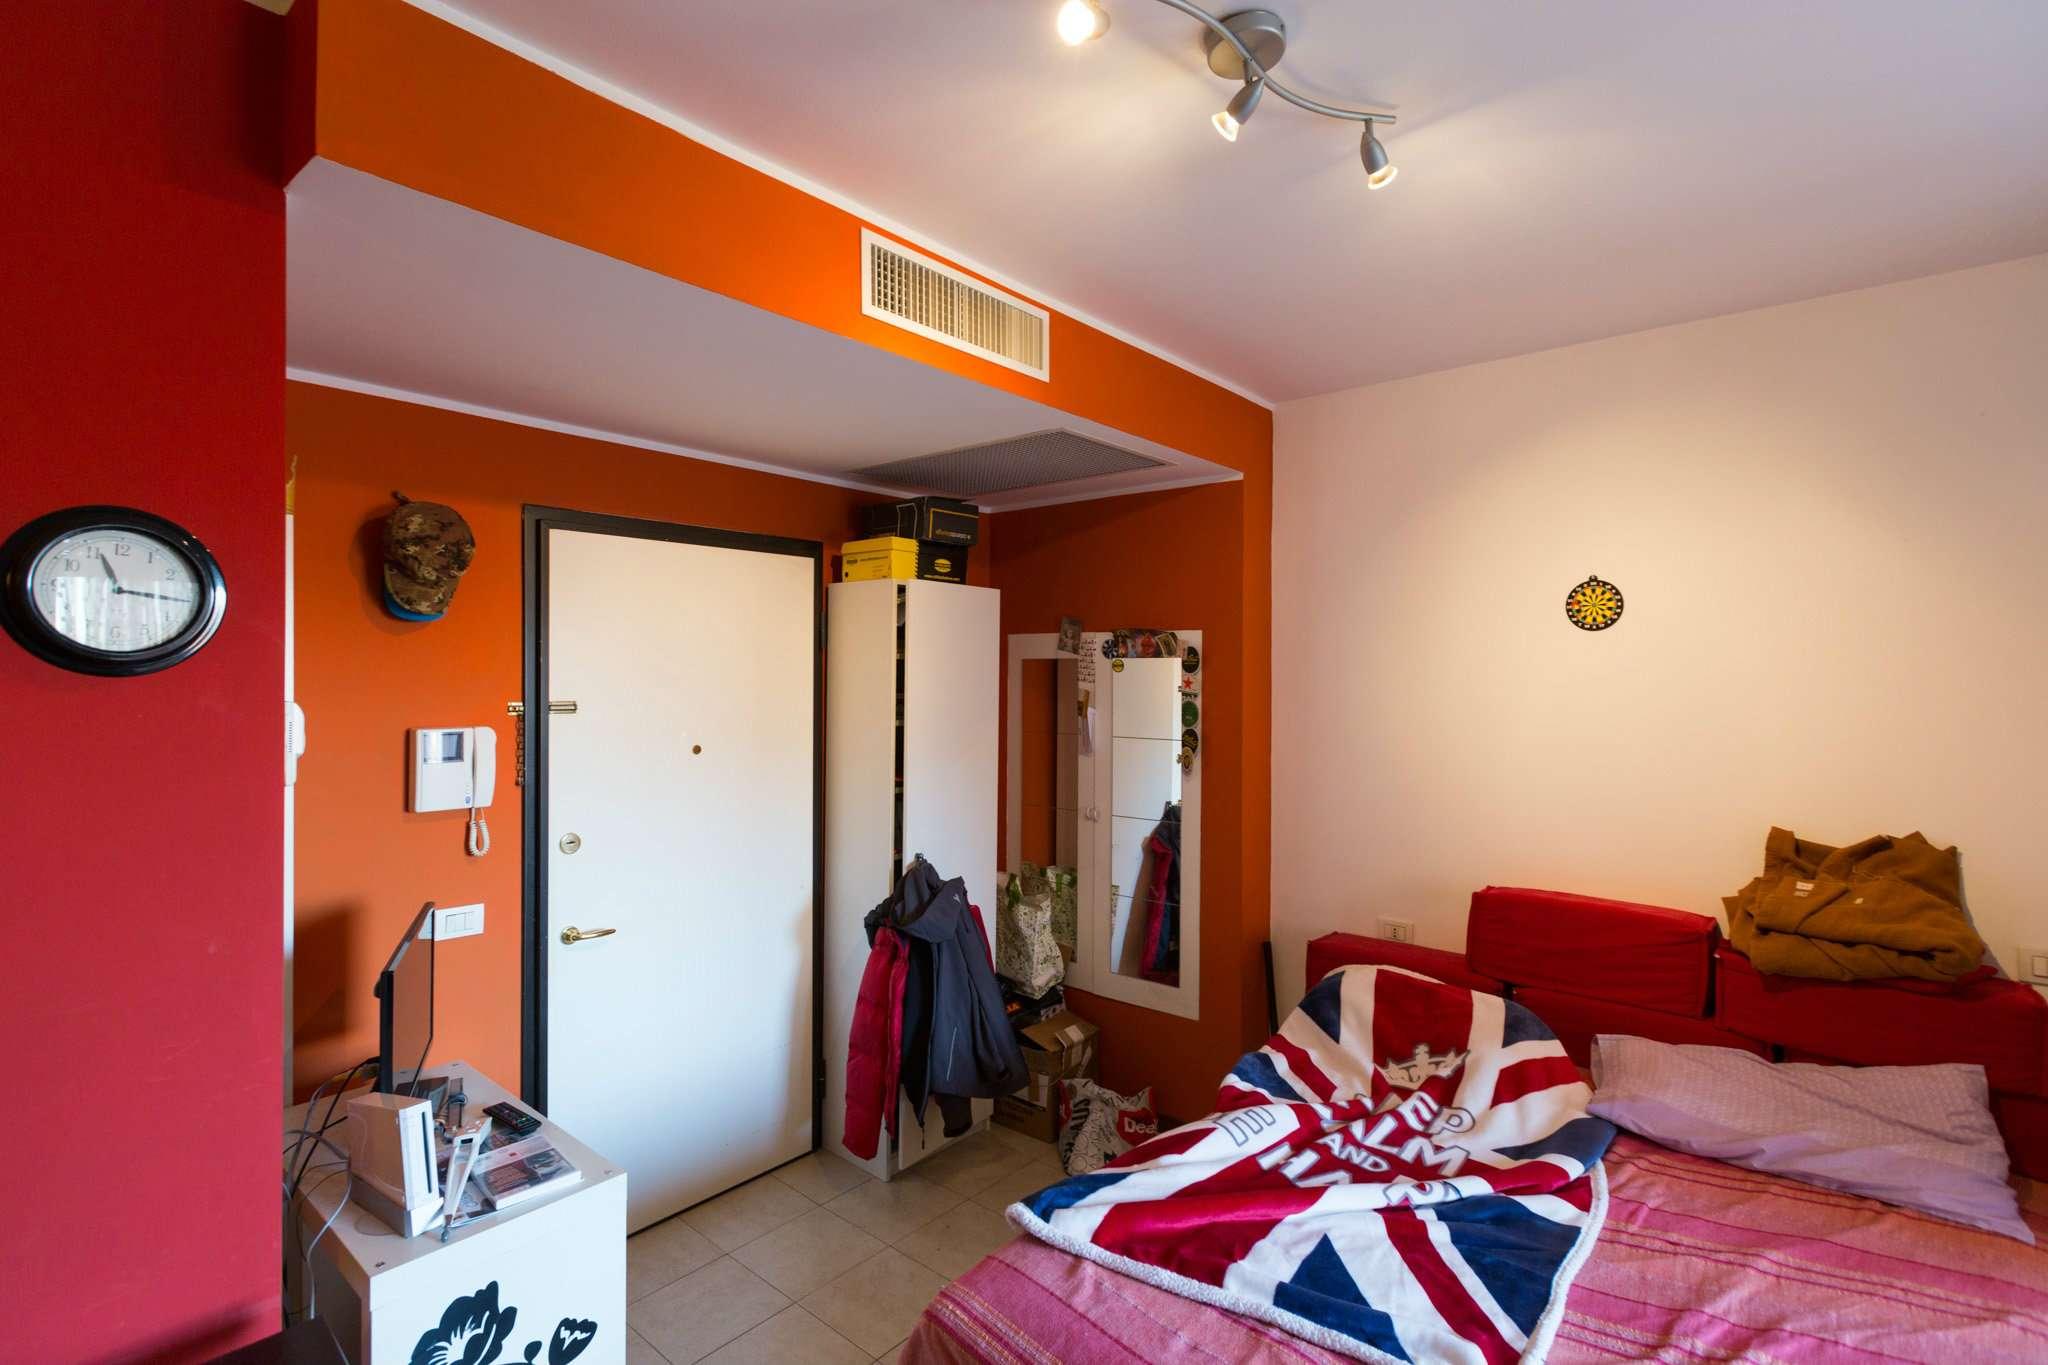 Appartamento in vendita a Vimodrone, 1 locali, prezzo € 119.000 | Cambio Casa.it